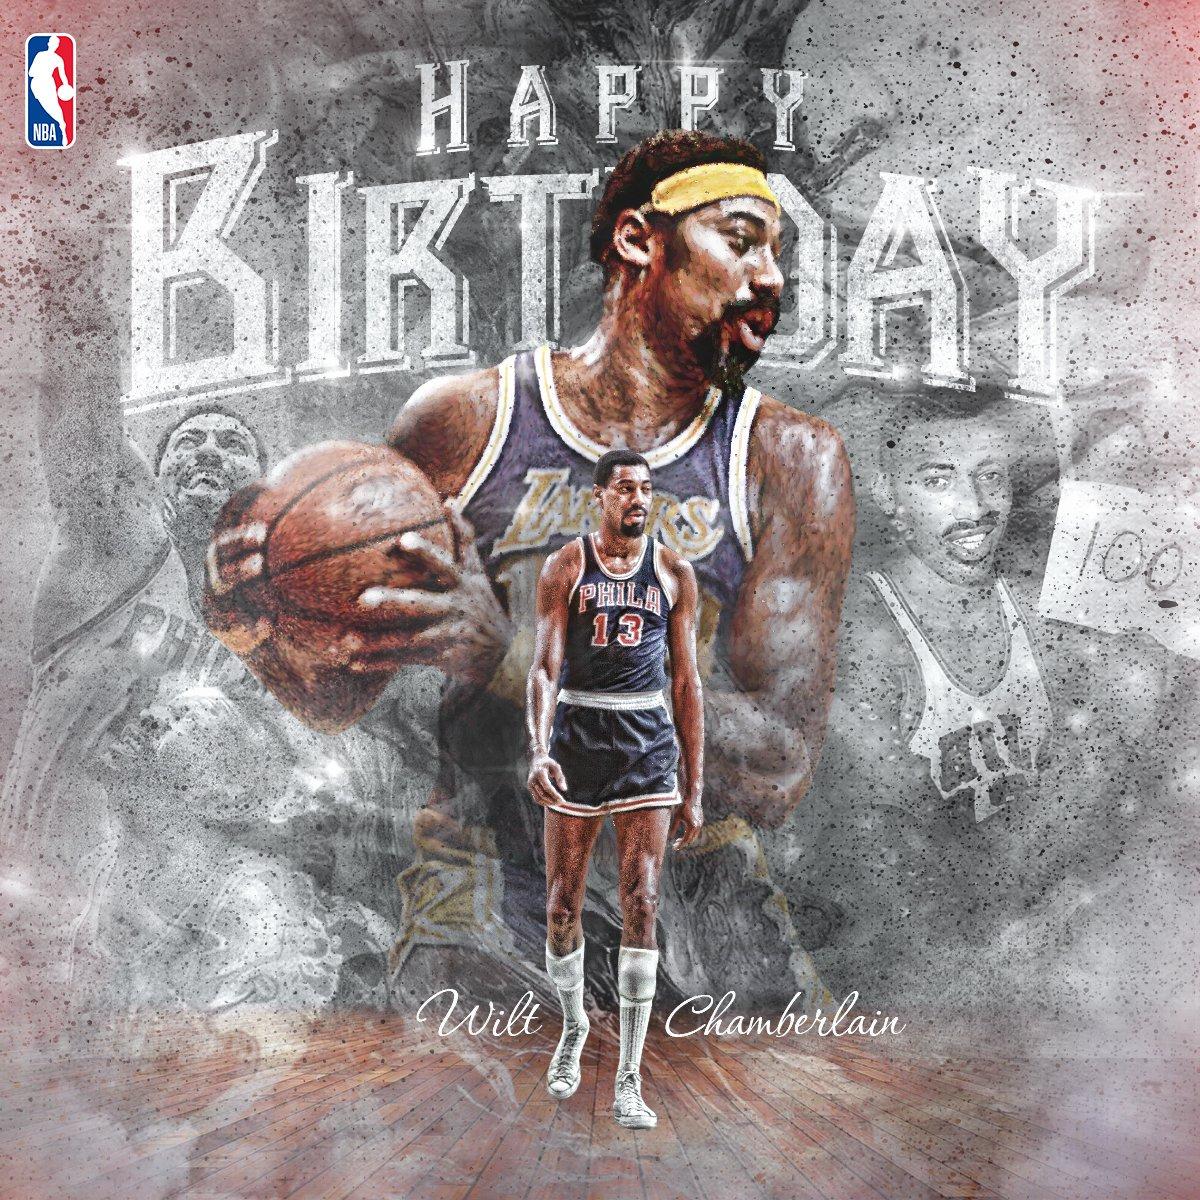 8/21はウィルト・チェンバレンの誕生日(1936年生まれ。生きていれば81歳でした)。1試合100得点、シーズン平均50.4得点など数々の伝説を残したNBA史に輝くレジェンドです(1999年10月に63歳で没) #NBA #NBAjpj#NBABdayp Bday